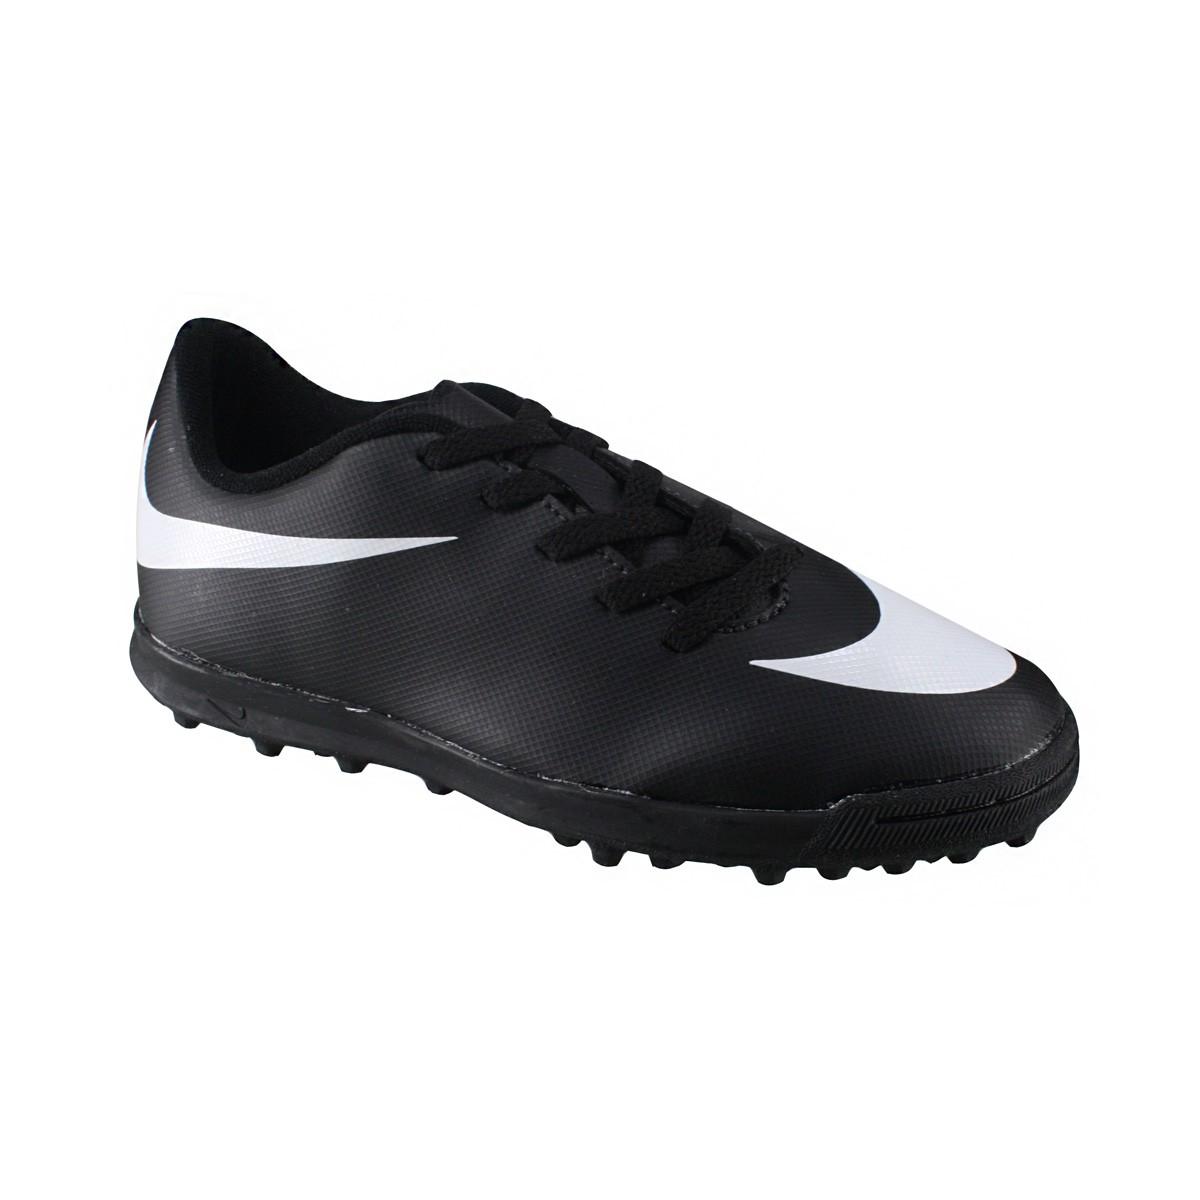 0e256954ebd7a Amplie a imagem. Chuteira Society Nike JR Bravata TF Infantil  Chuteira  Society Nike JR Bravata TF Infantil ...